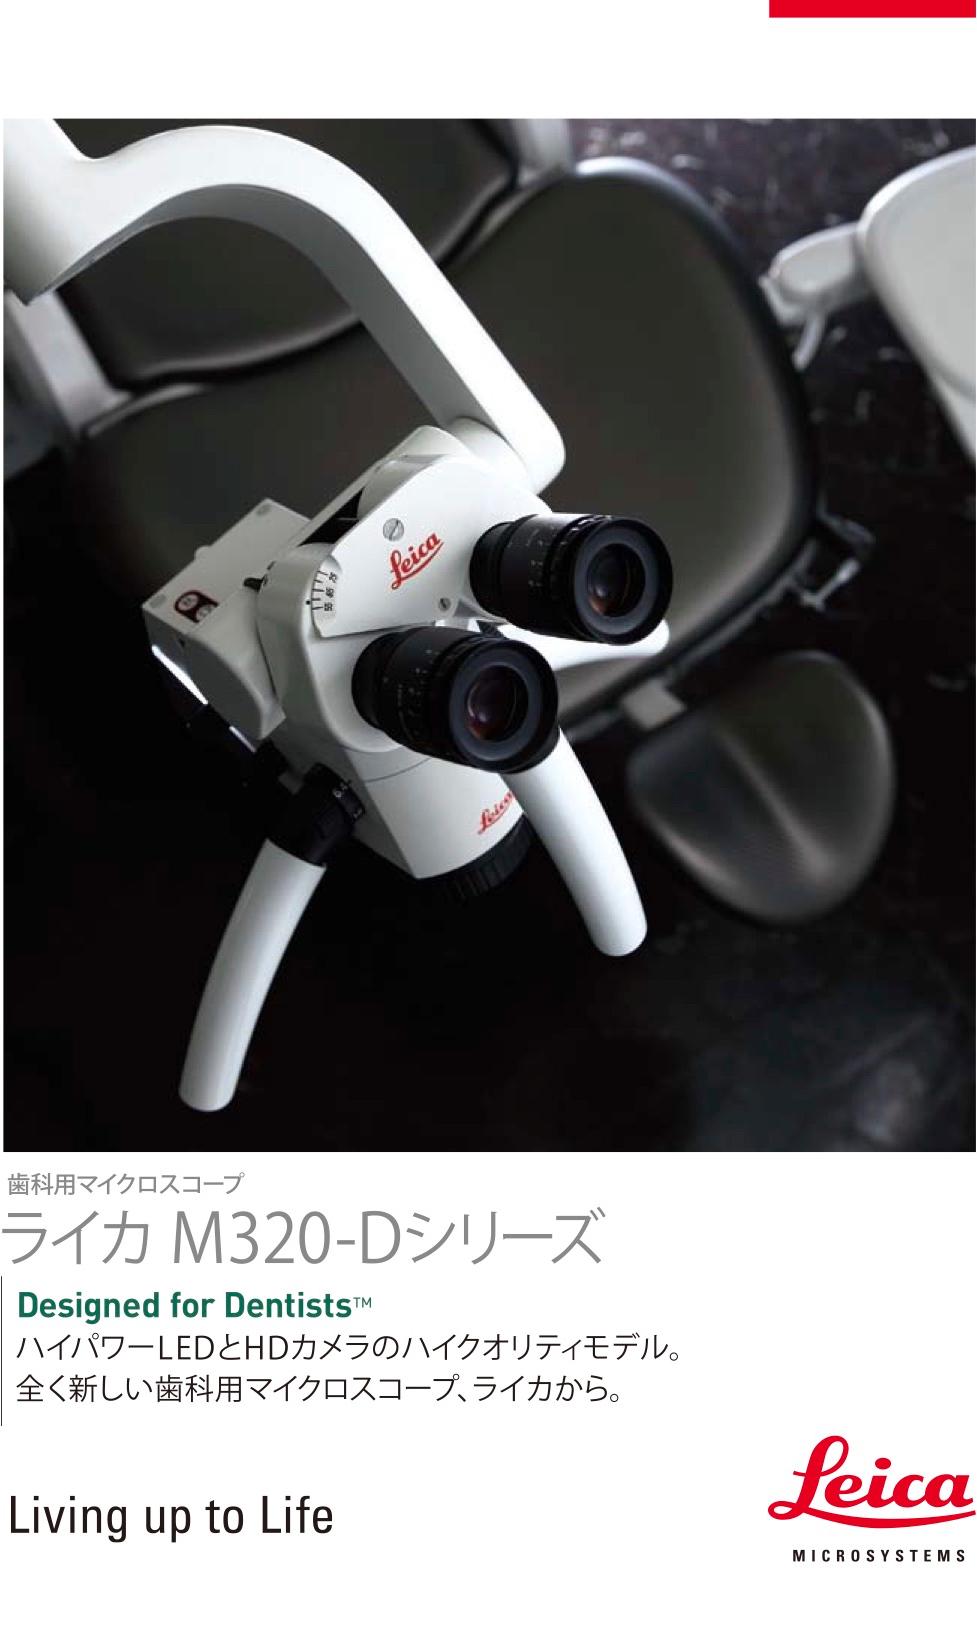 ダウンロード/歯科用マイクロスコープ Leica M320 カタログ